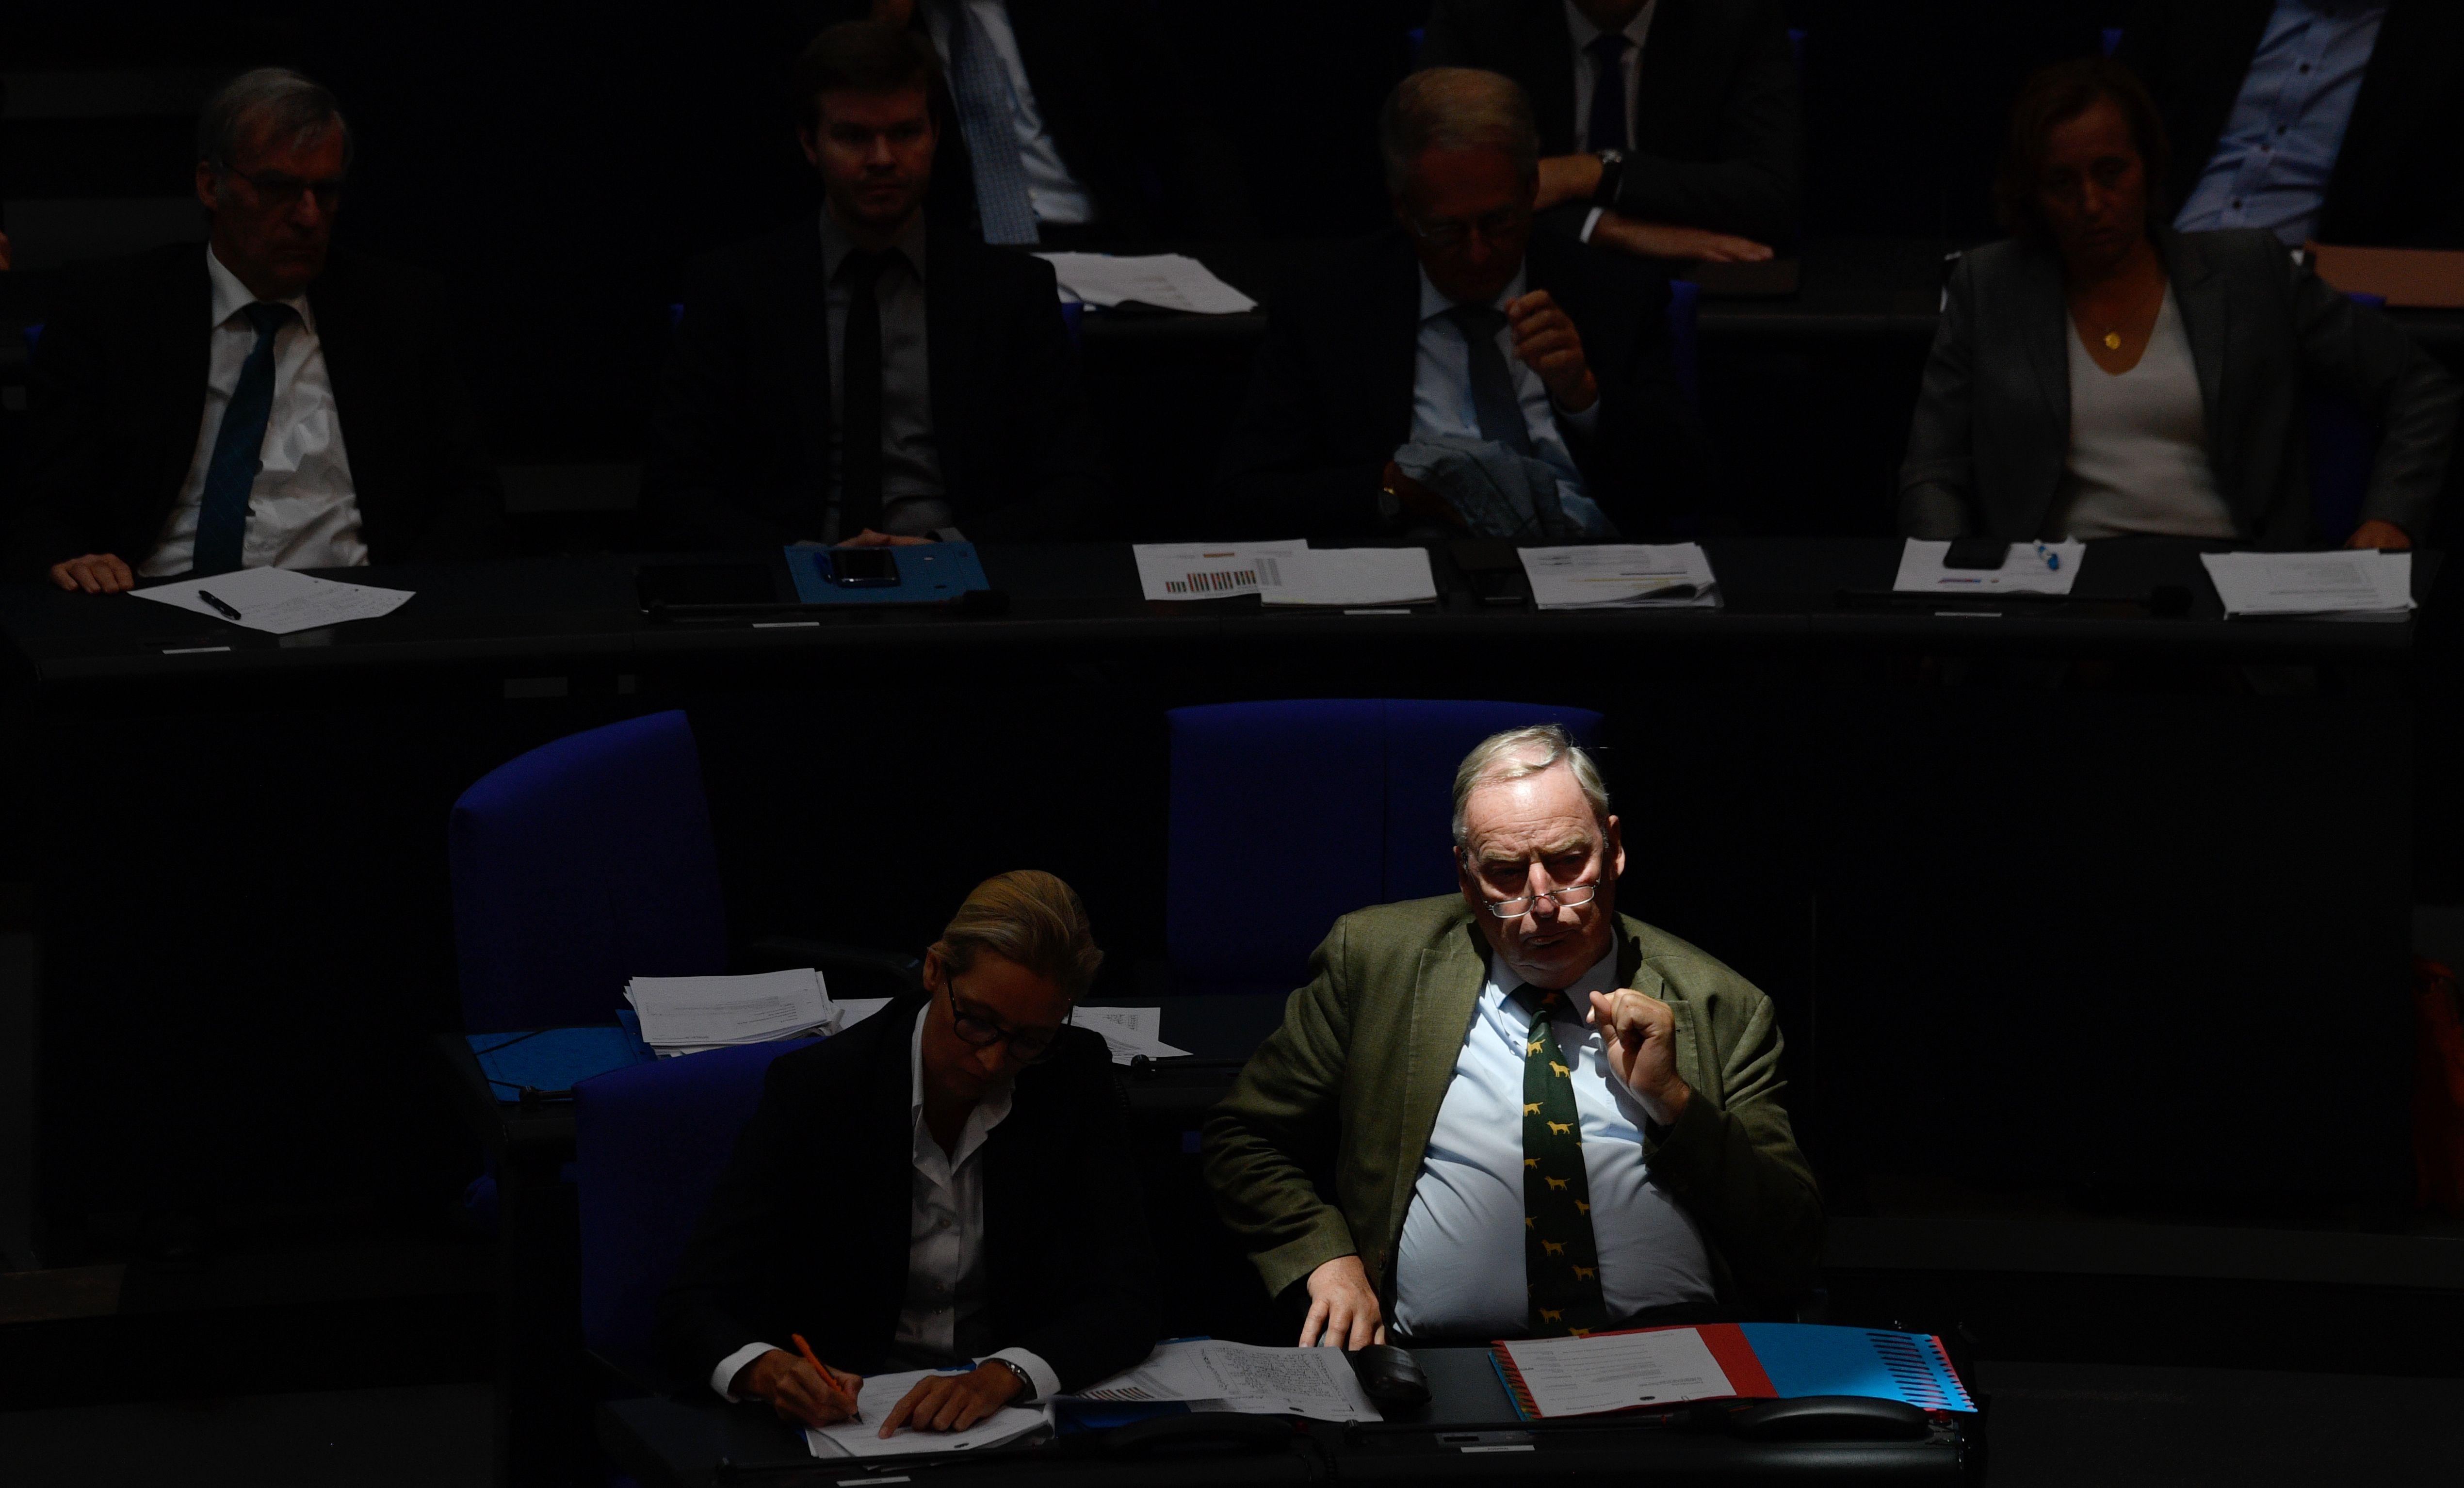 الكسندر غولاند وأليس فيدل في جلسة حول ميزانية ألمانيا لعام 2019 فى البرلمان